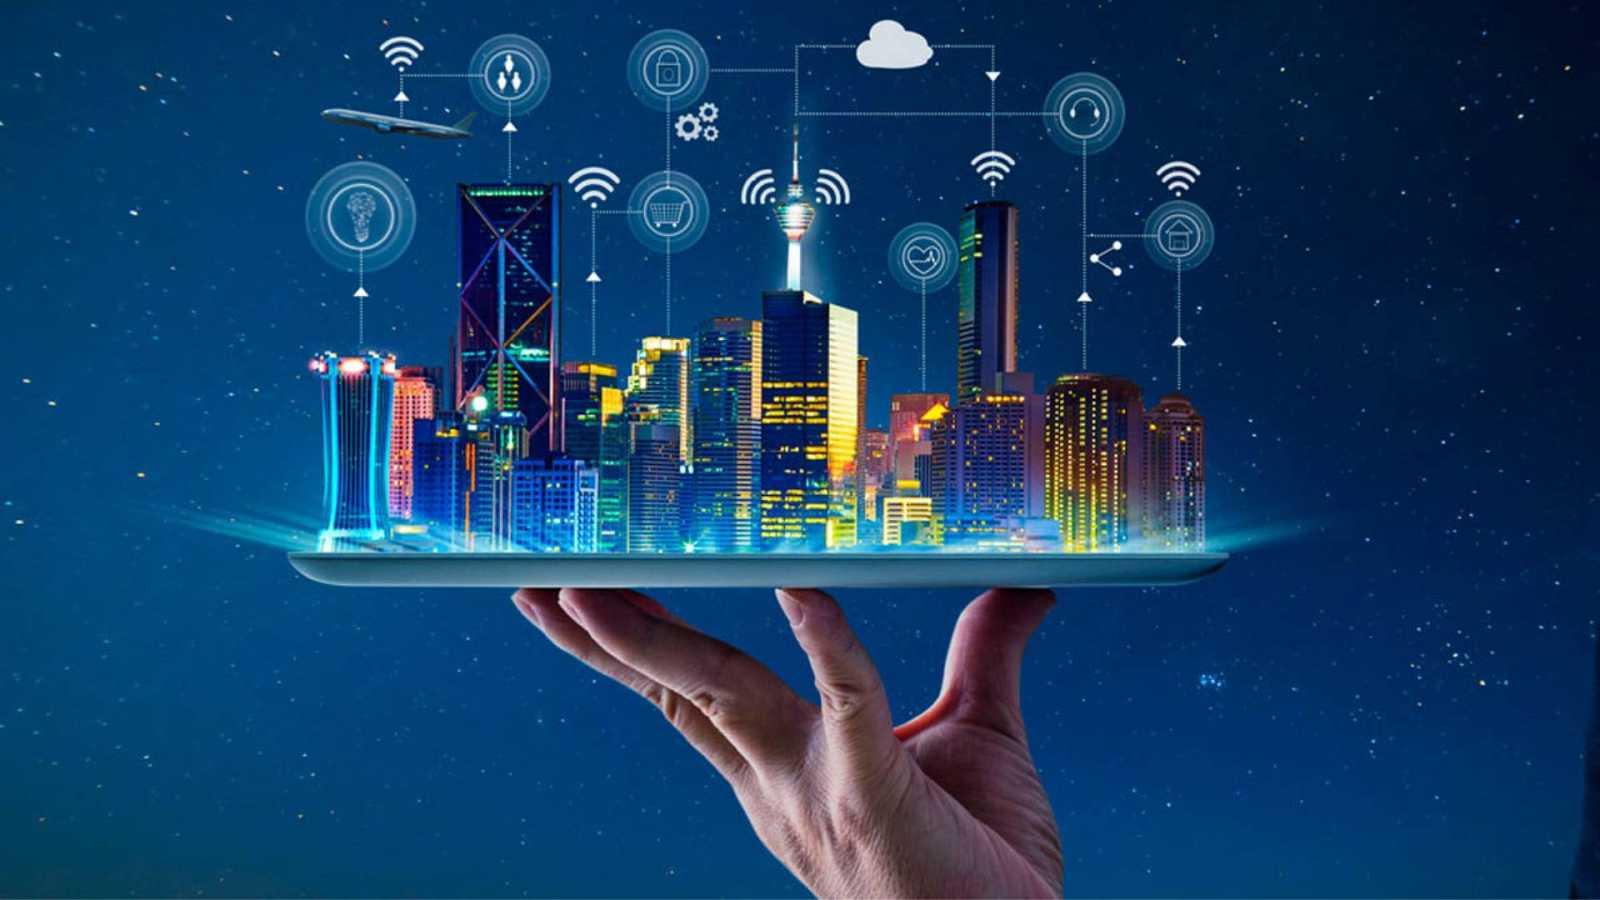 Sostenible y renovable - Tecnología y energía en la ciudad - 31/10/20 - Escuchar ahora